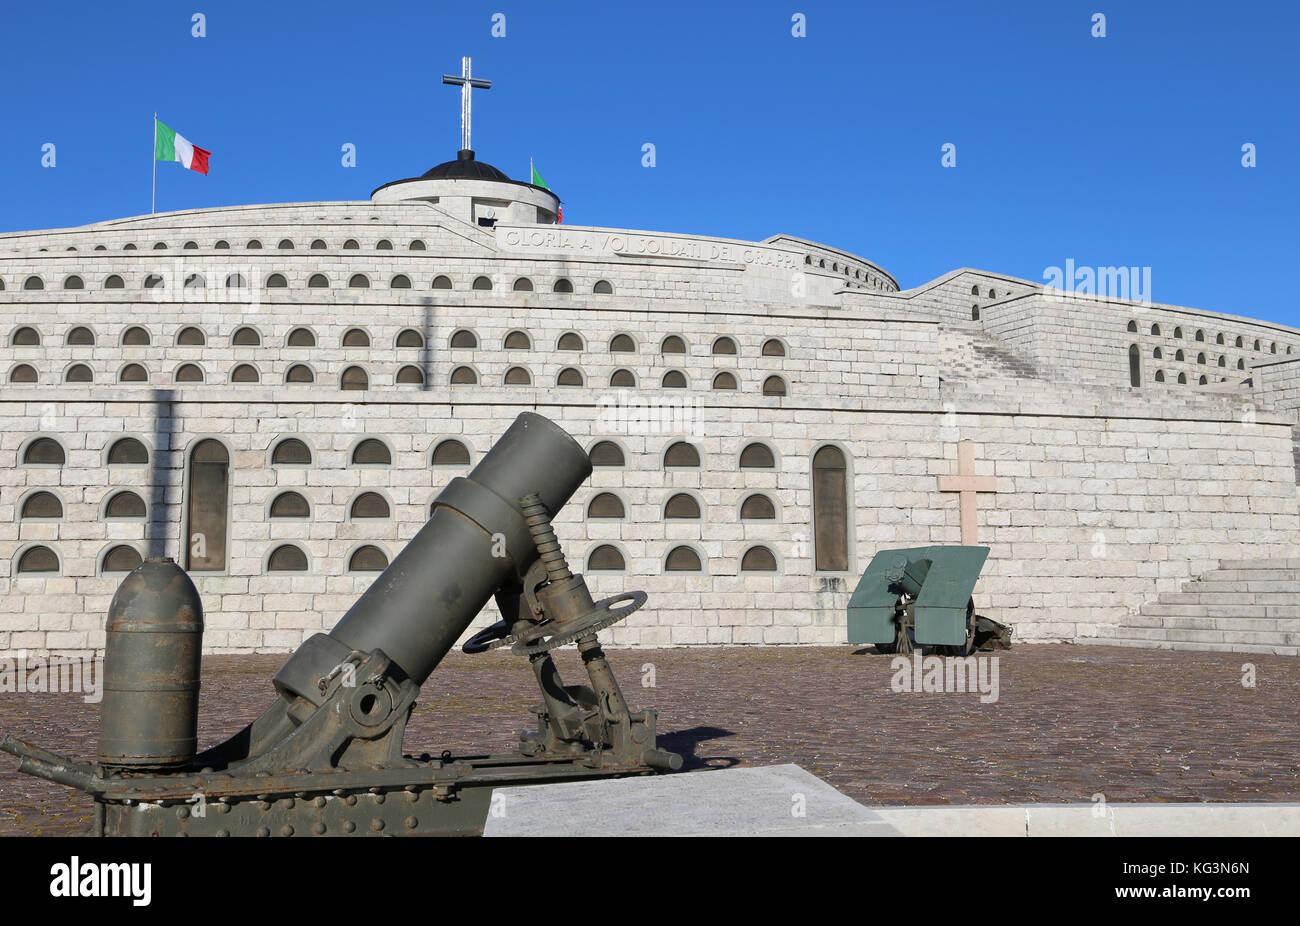 Vicenza, vi, Italia - 8 de diciembre de 2015: memorial de guerra de la primera guerra mundial llamado Sacrario Militare del monte Grappa. Las tumbas de los soldados murió italiano con Foto de stock